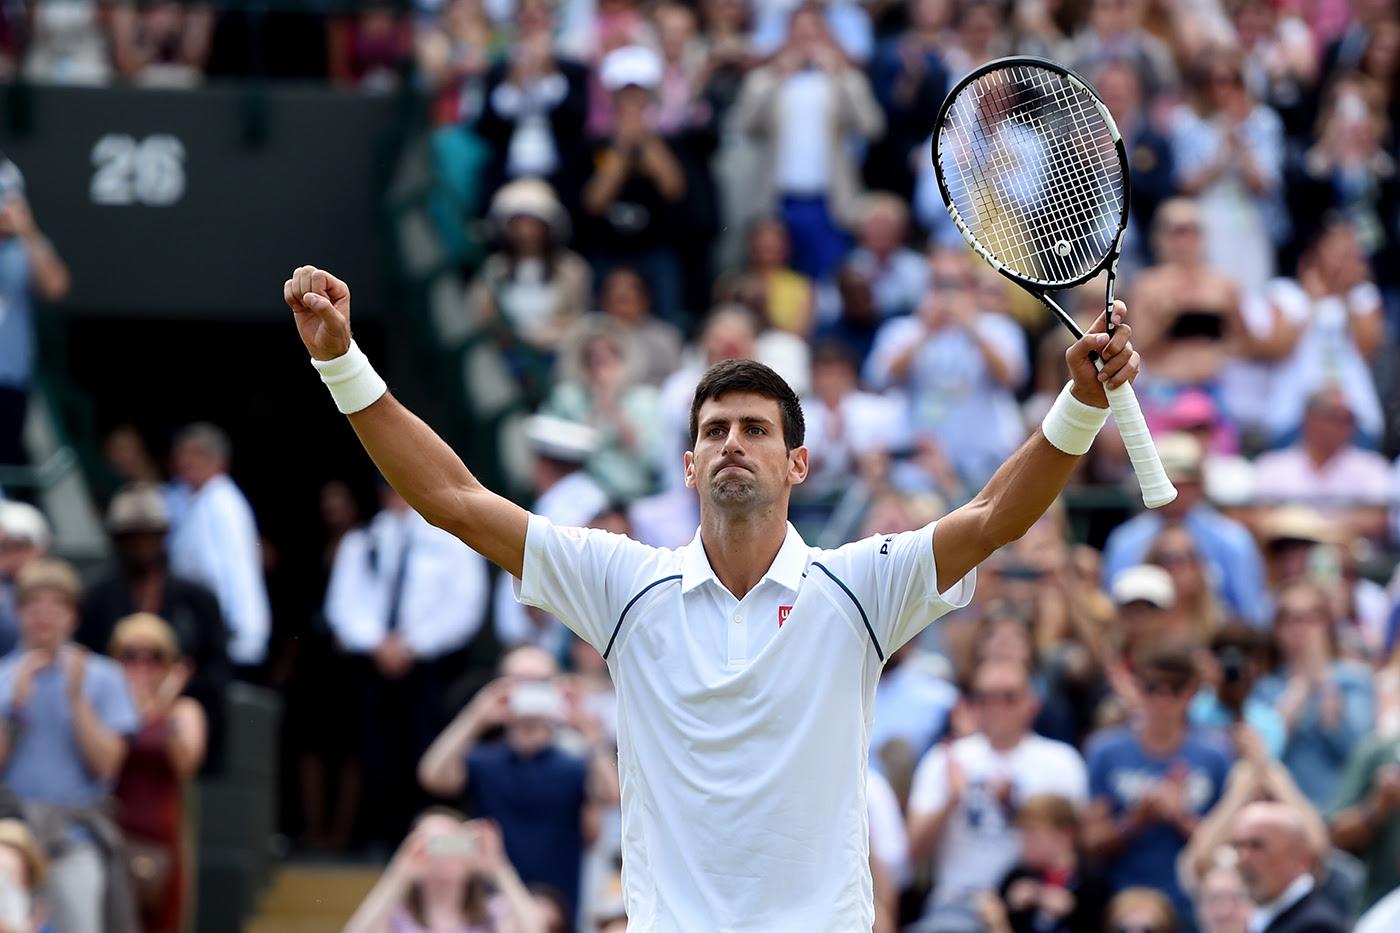 Tenis | Djokovic le ganó a Murray y se quedó con el abierto de Australia por sexta vez